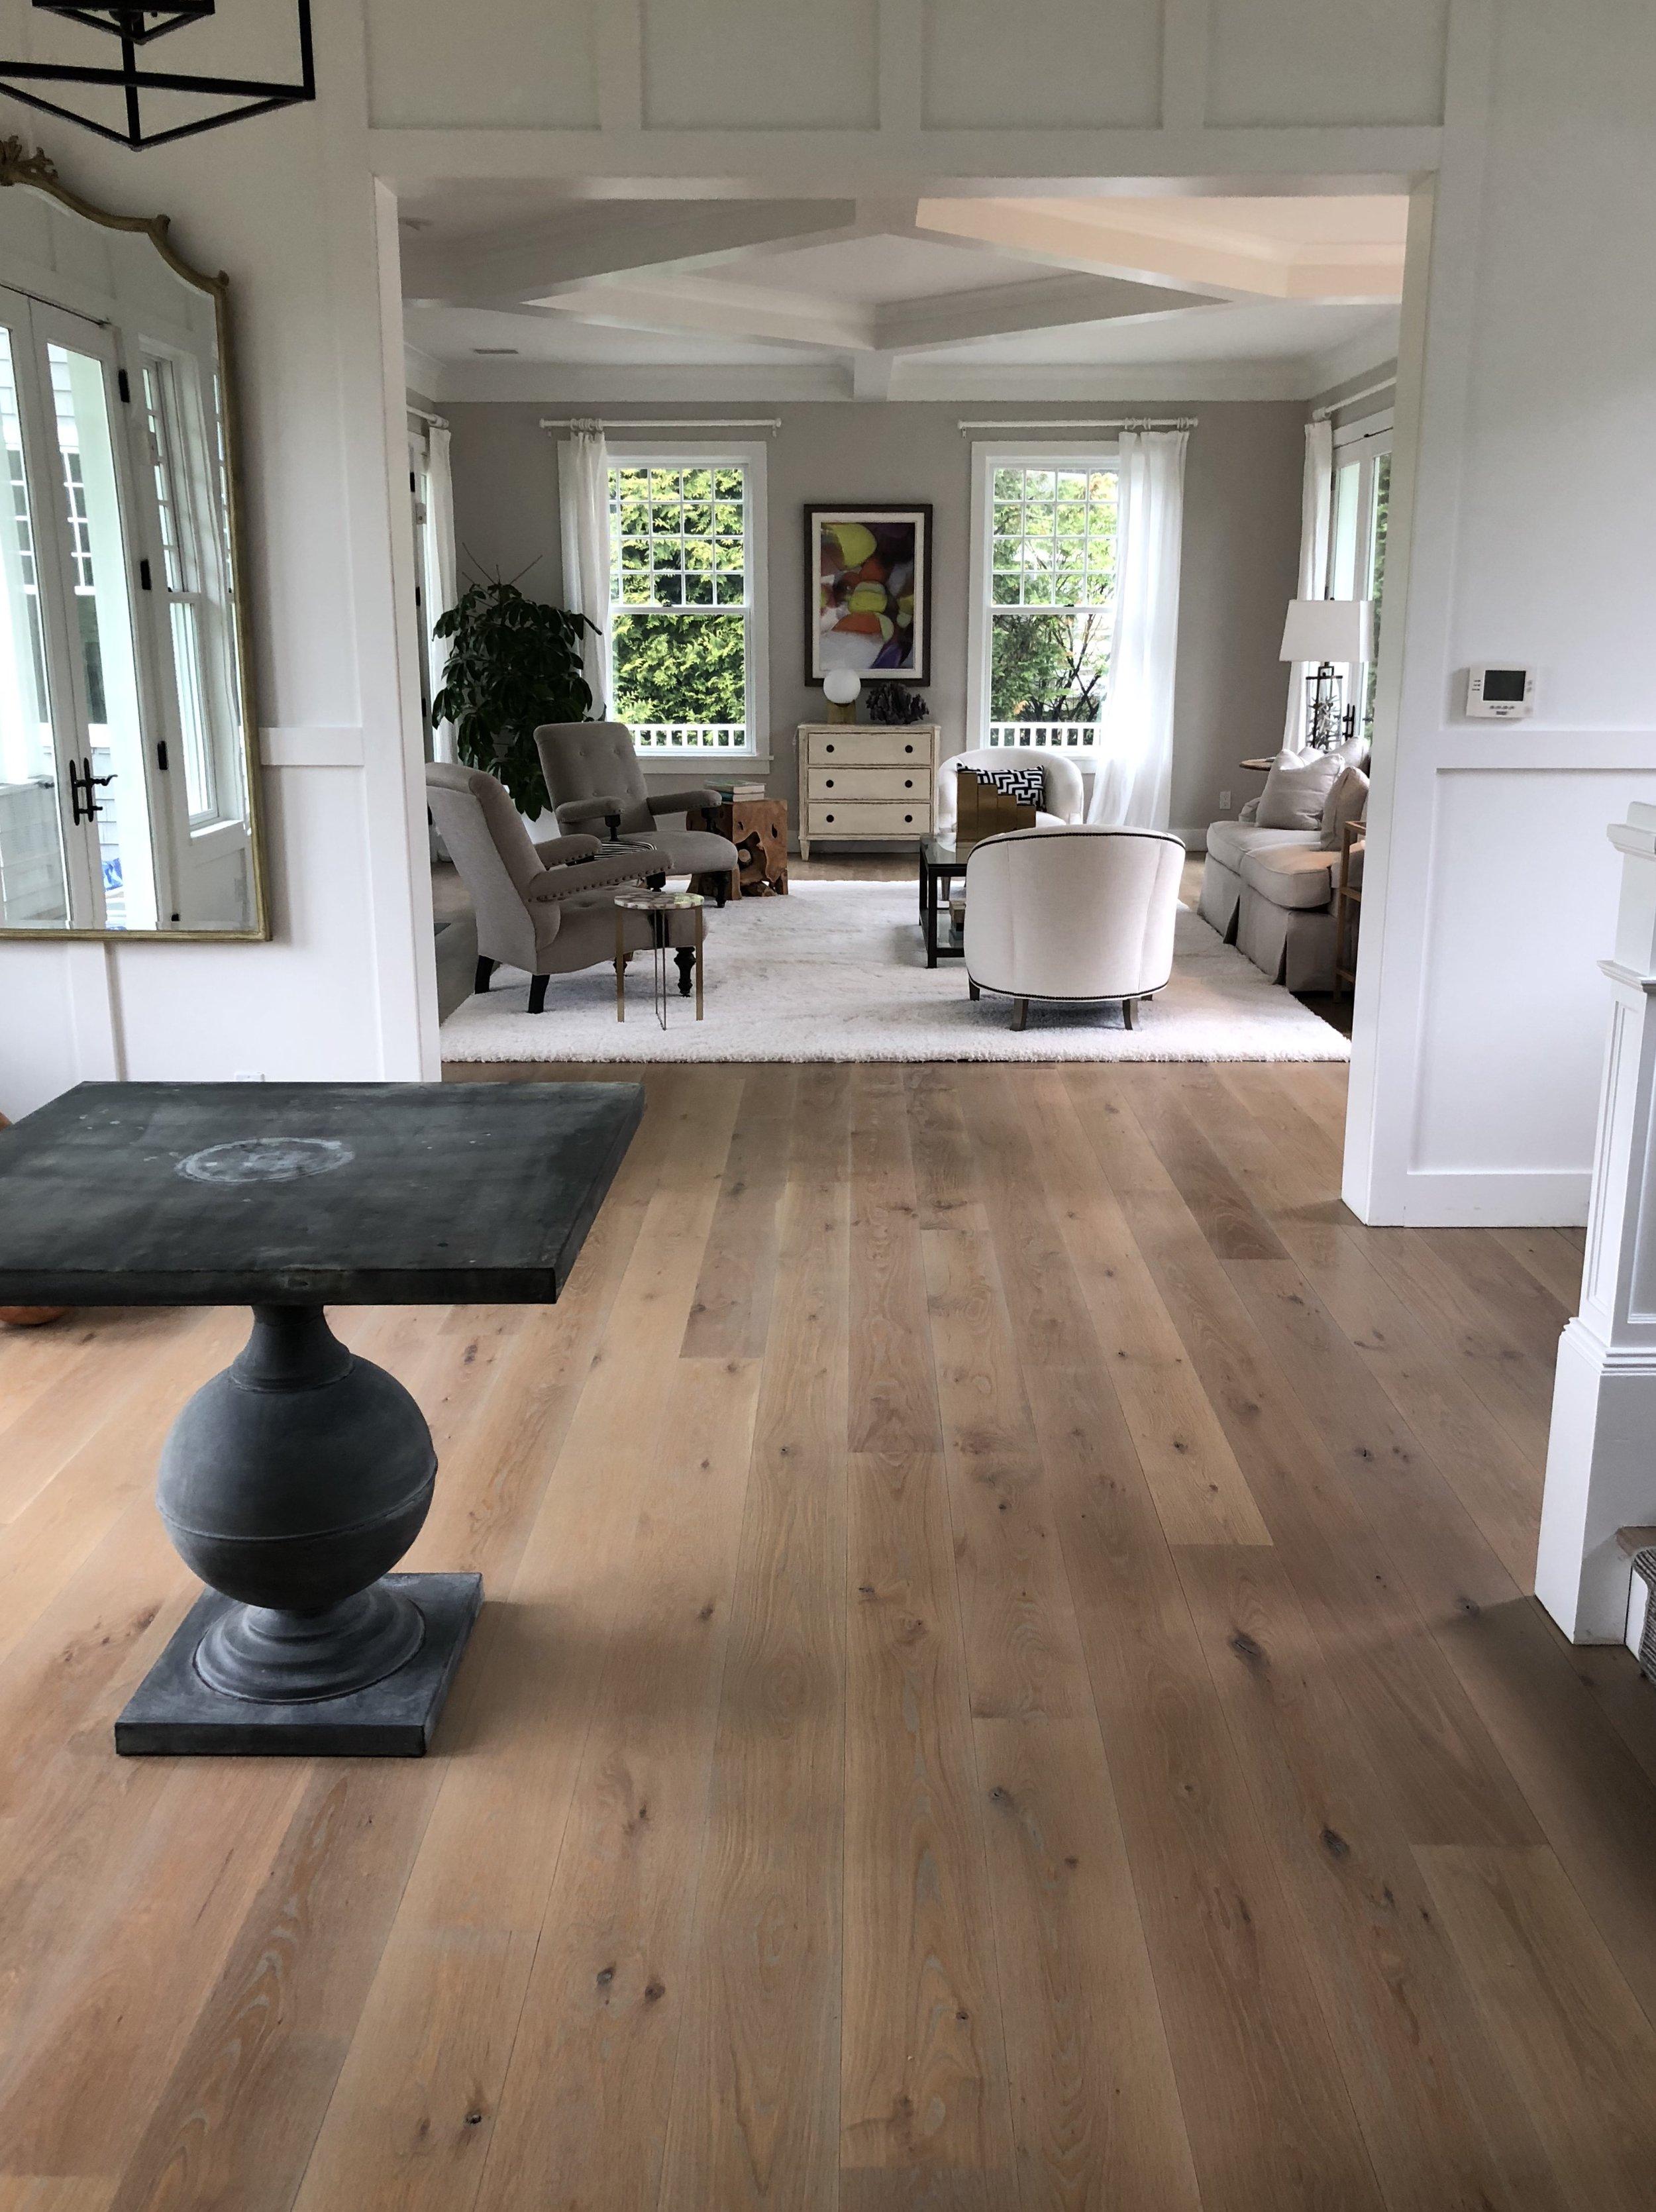 AMAGANSETT:  White Oak floors finished with Rubio Monocoat 2C Oil, Smoke